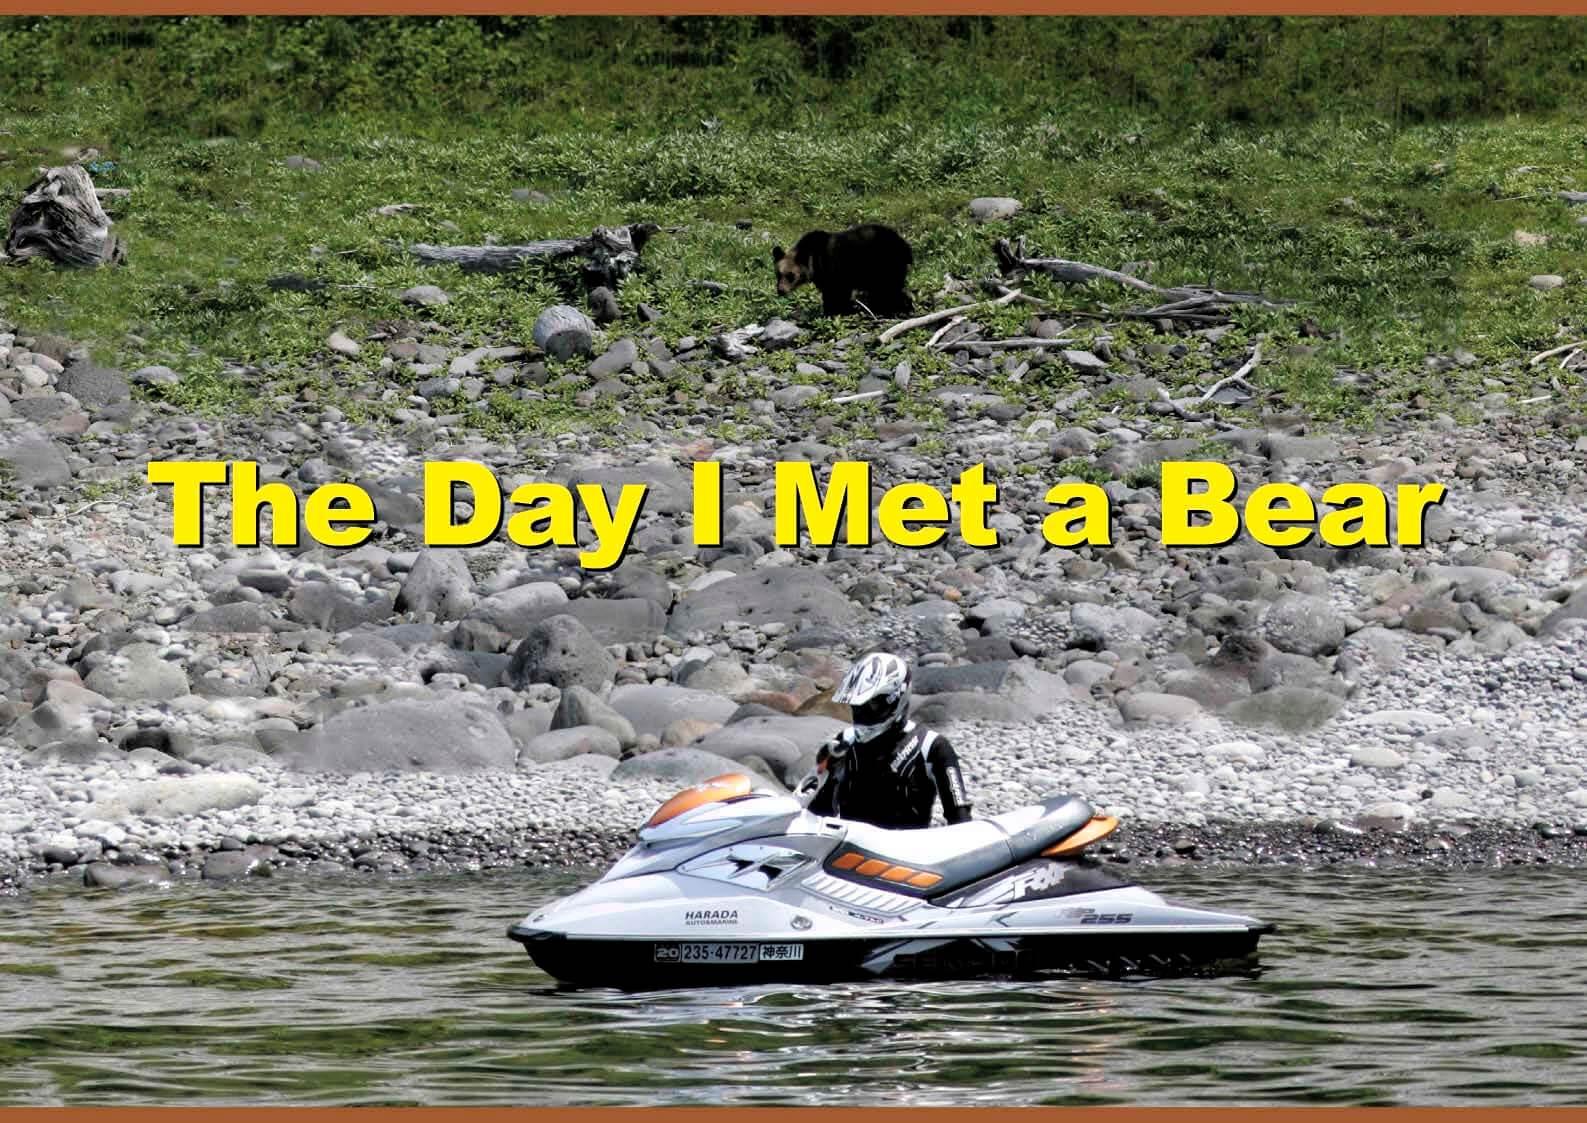 ヒグマと出会った夏。ジェットスキーでクマと遭遇したら、どうすれば良いの?(水上バイク)